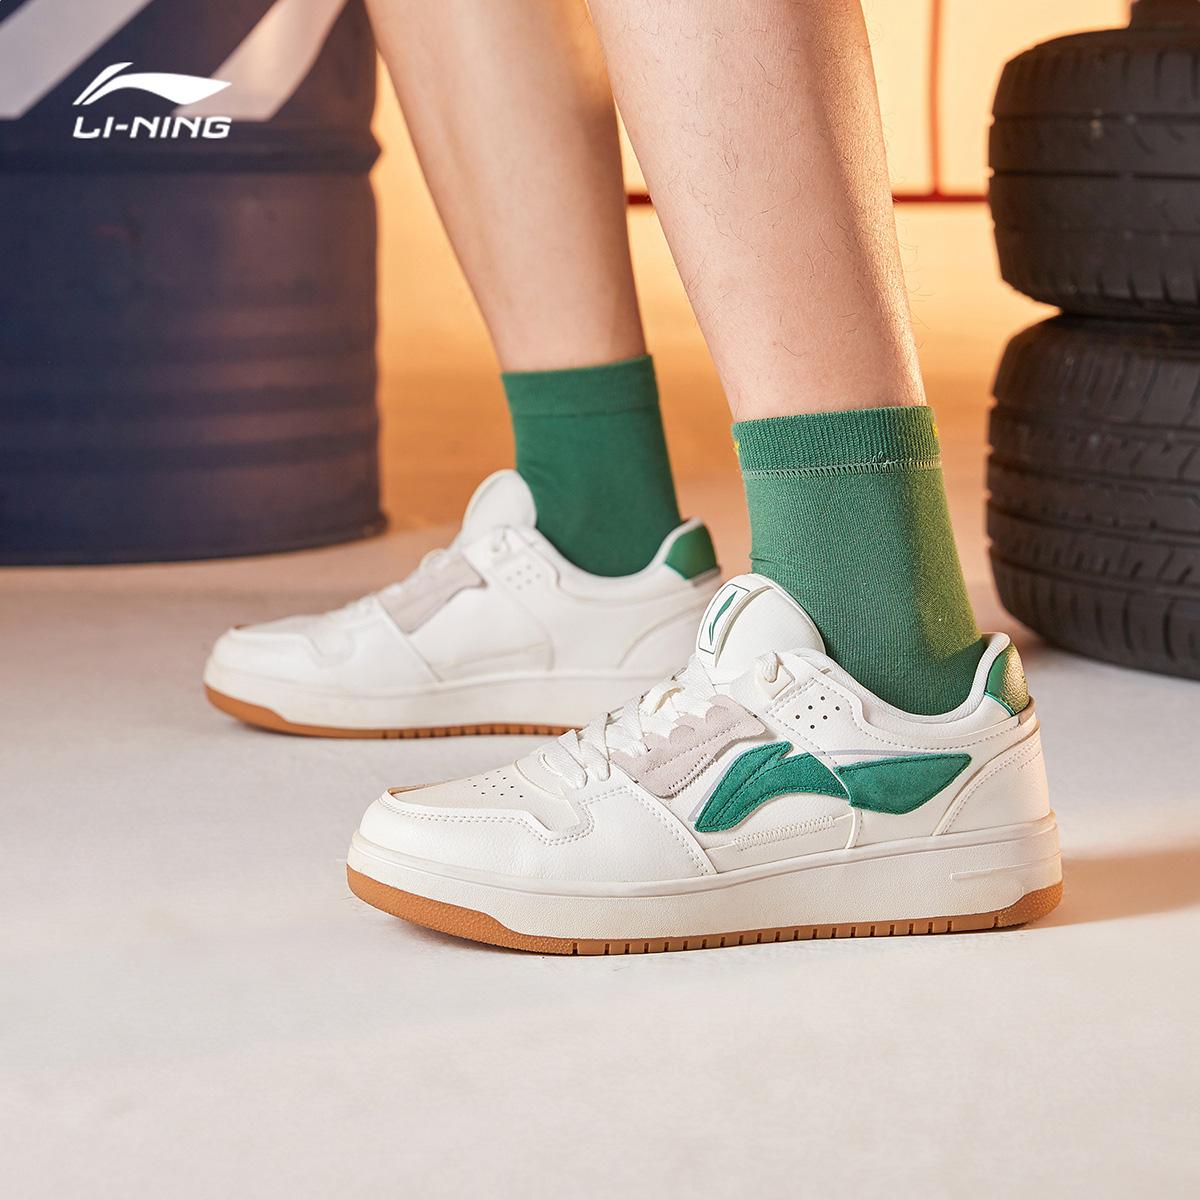 双11预售:LI-NING 李宁 AGCP362 男女款休闲运动鞋 159.6元包邮(需30定金,1日付尾款)